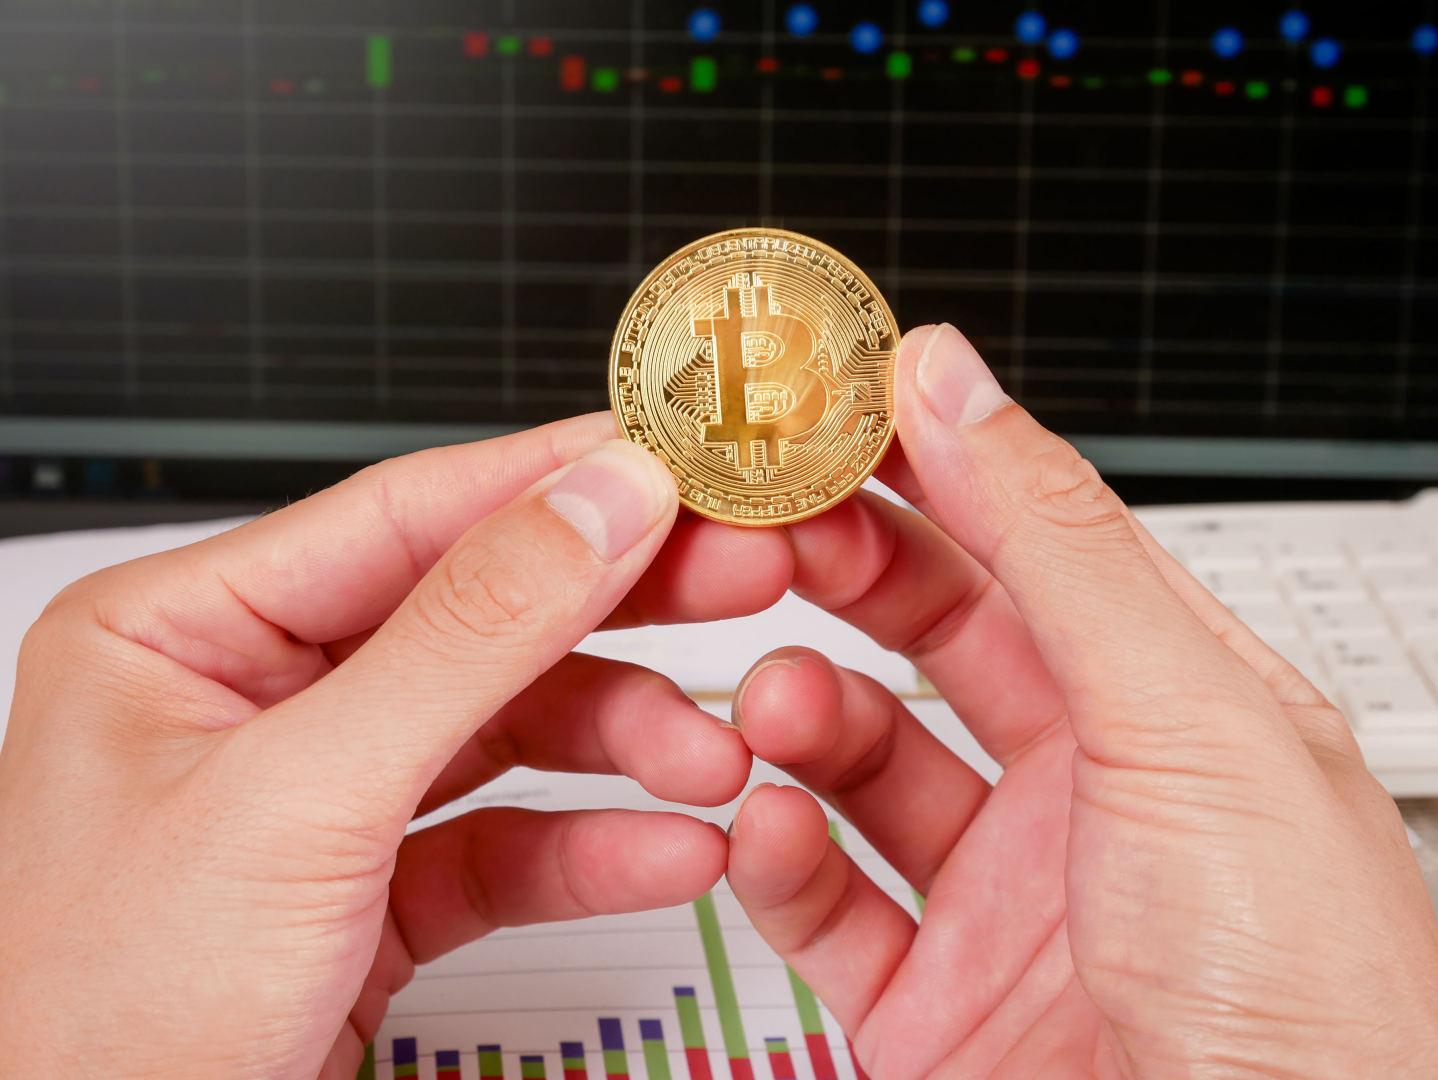 kaip usidirbti pinig ikasant bitkoin opcionų prekybos rsi